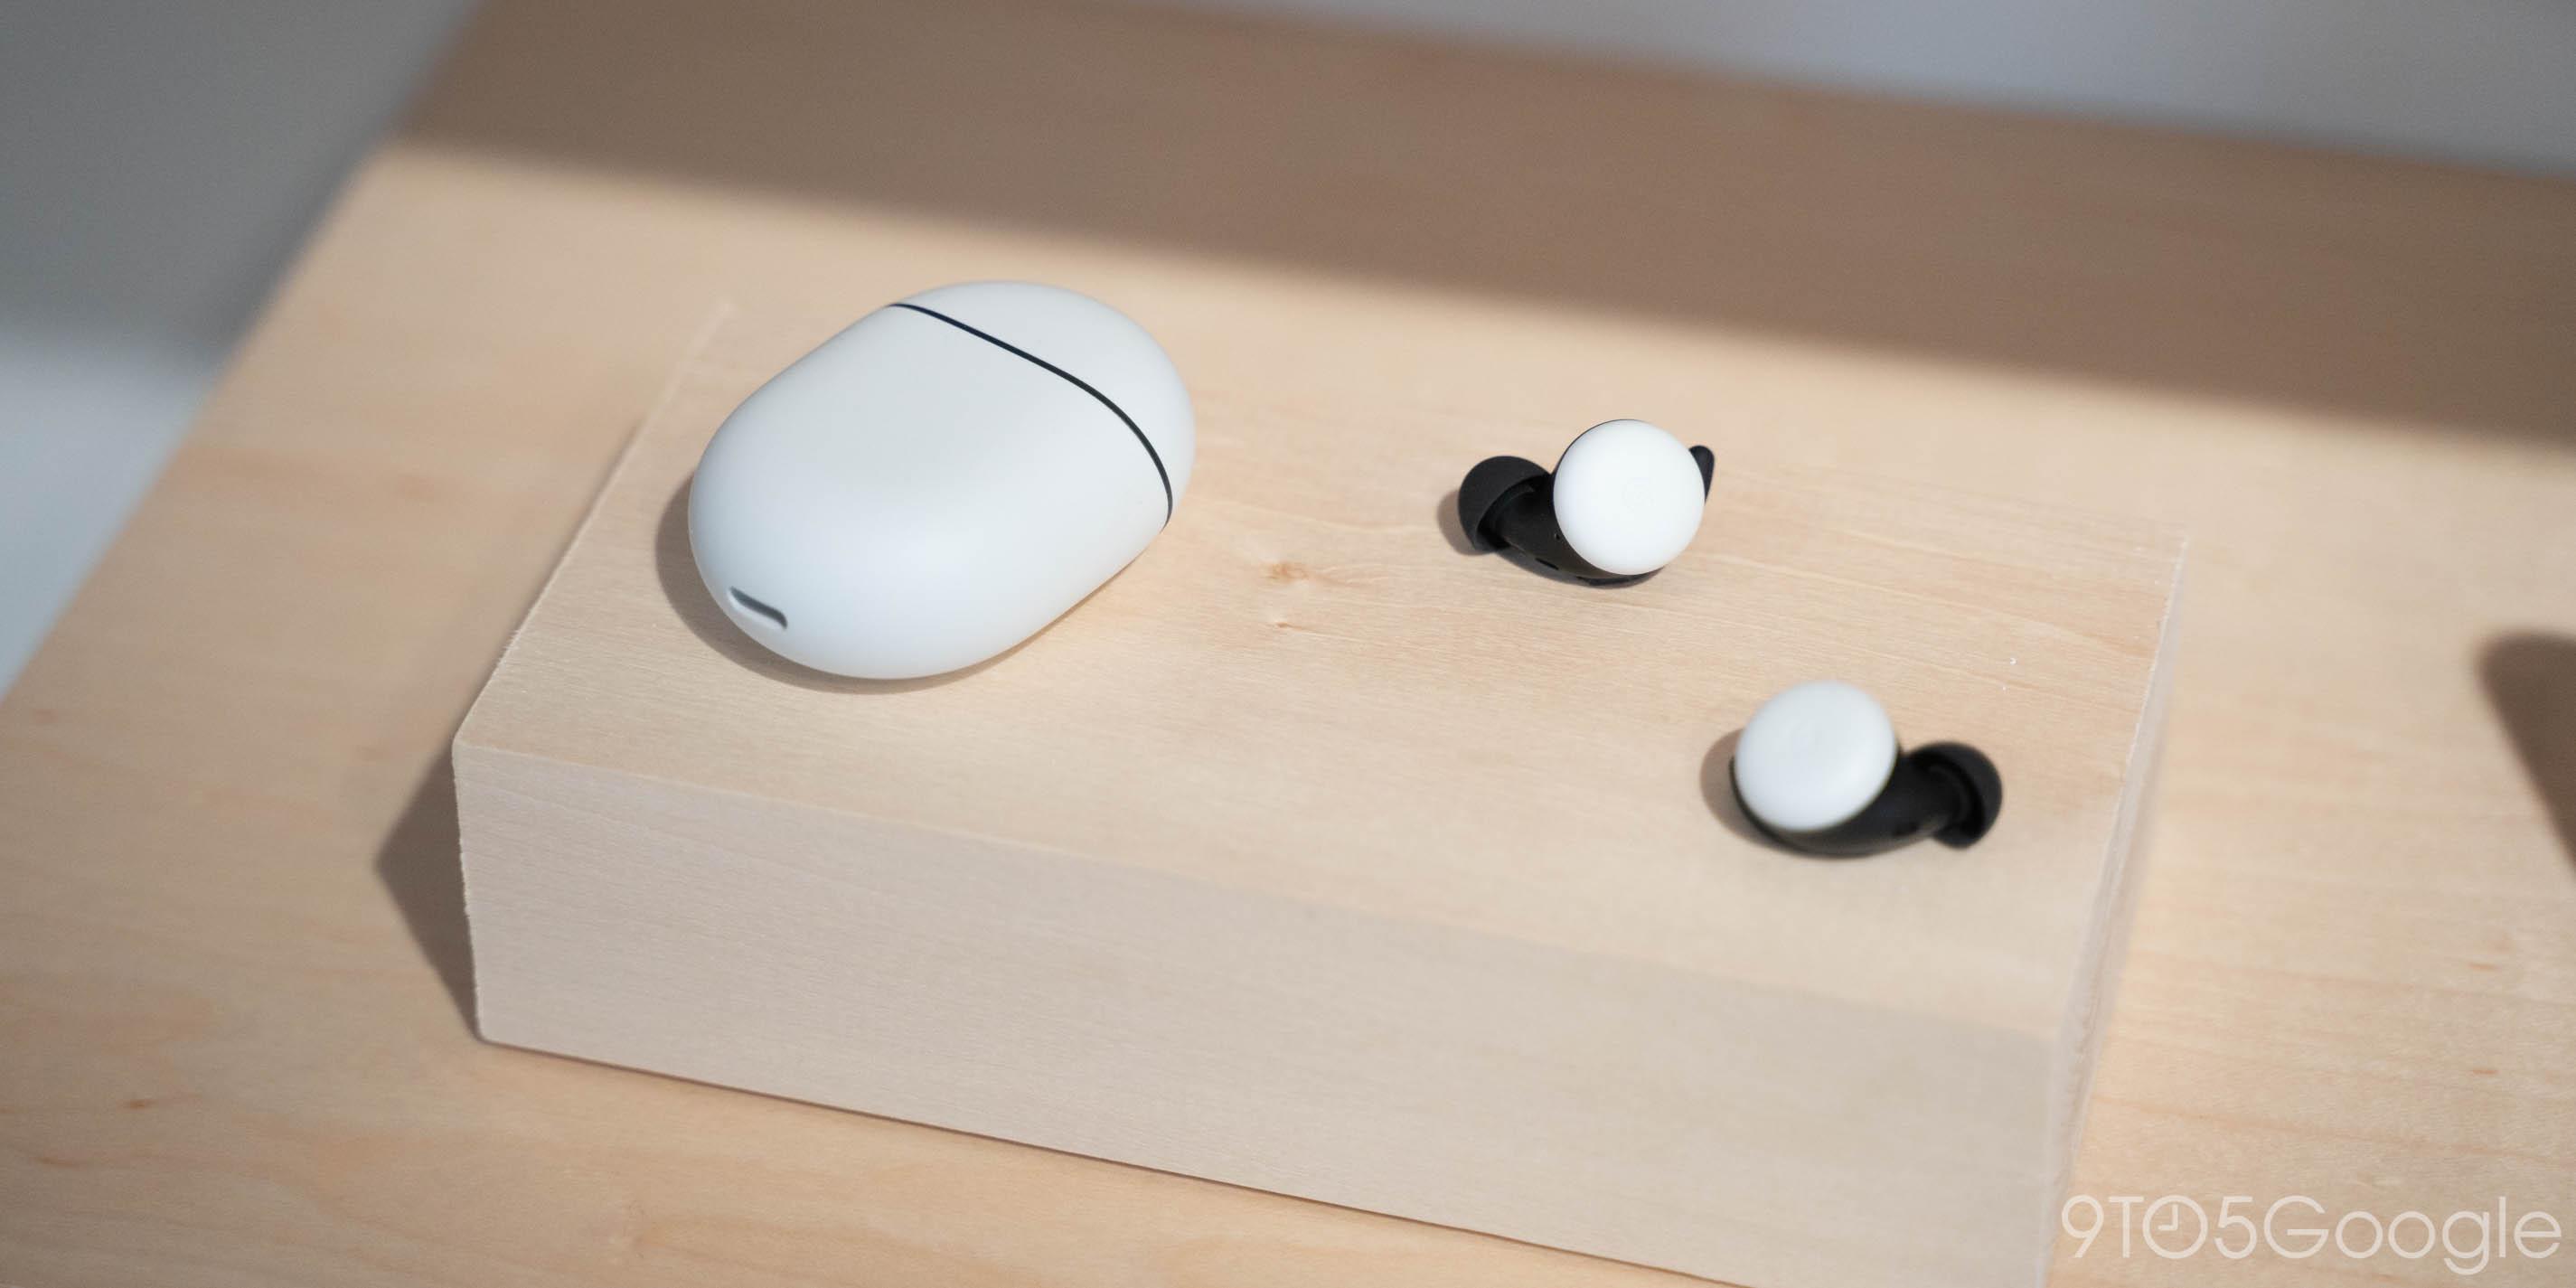 pixel buttons